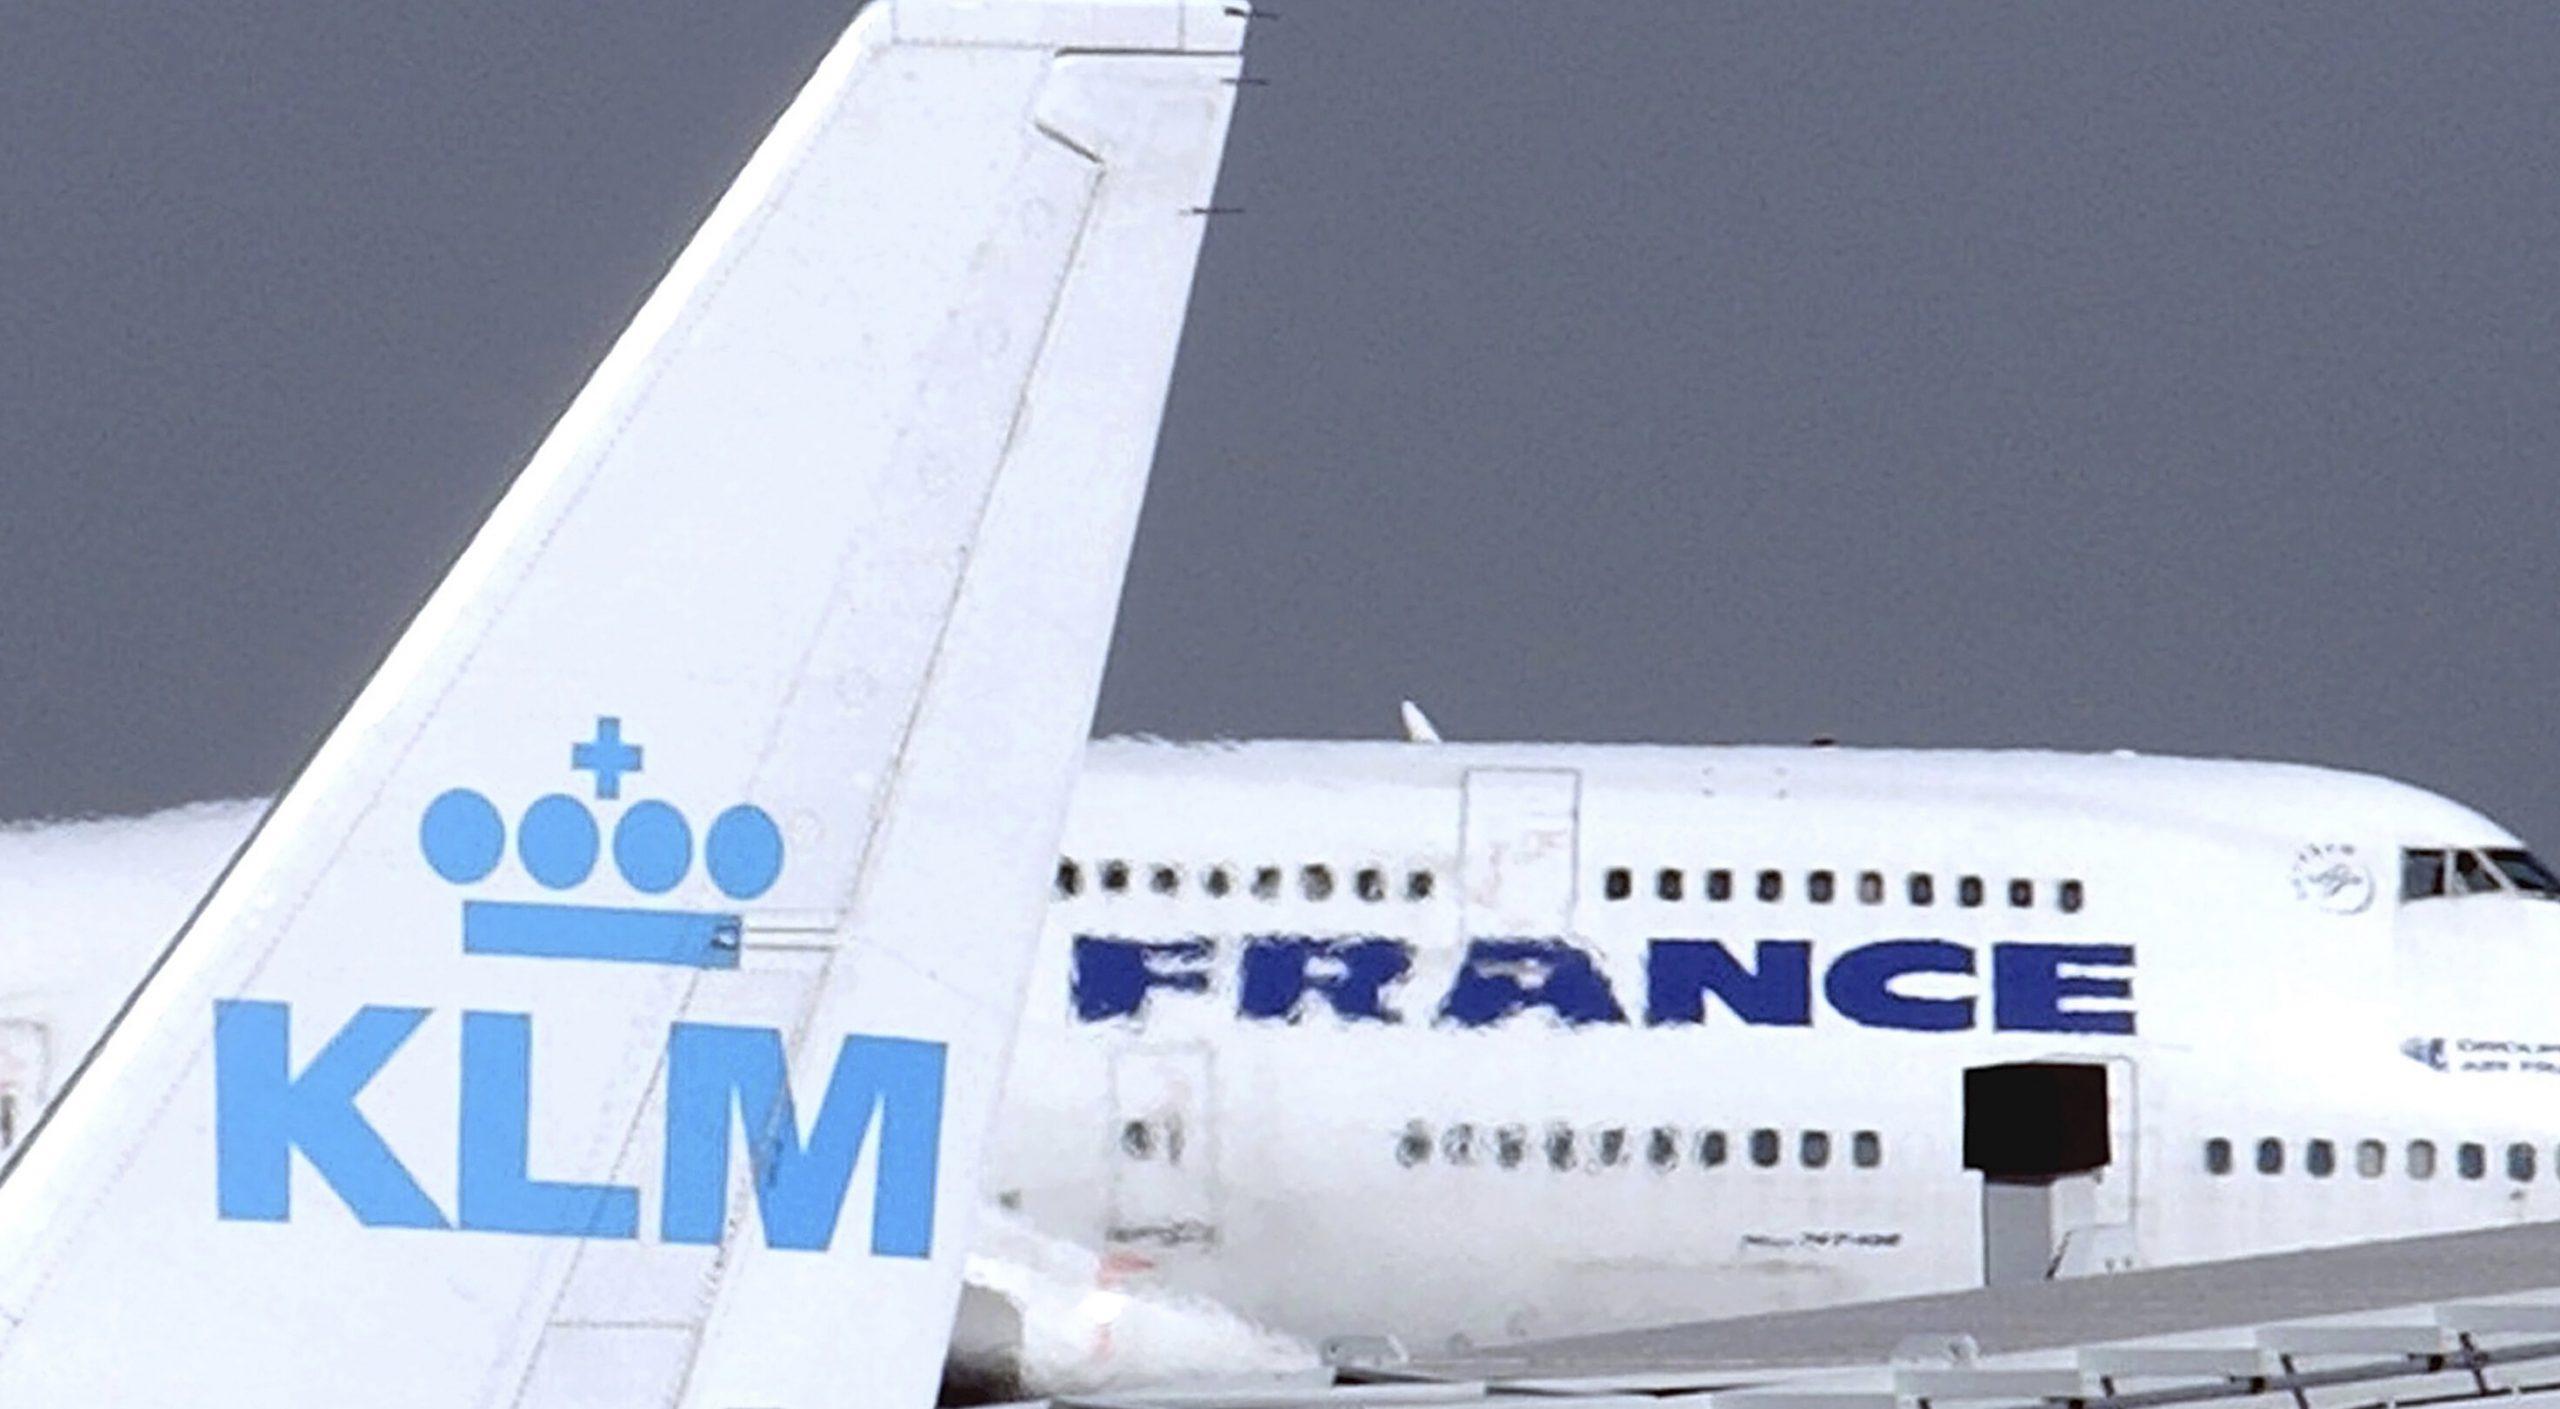 Guvernul francez, care a criticat ajutorul primit de TAROM de la statul român, oferă 4,7 miliarde de euro companiei Air France